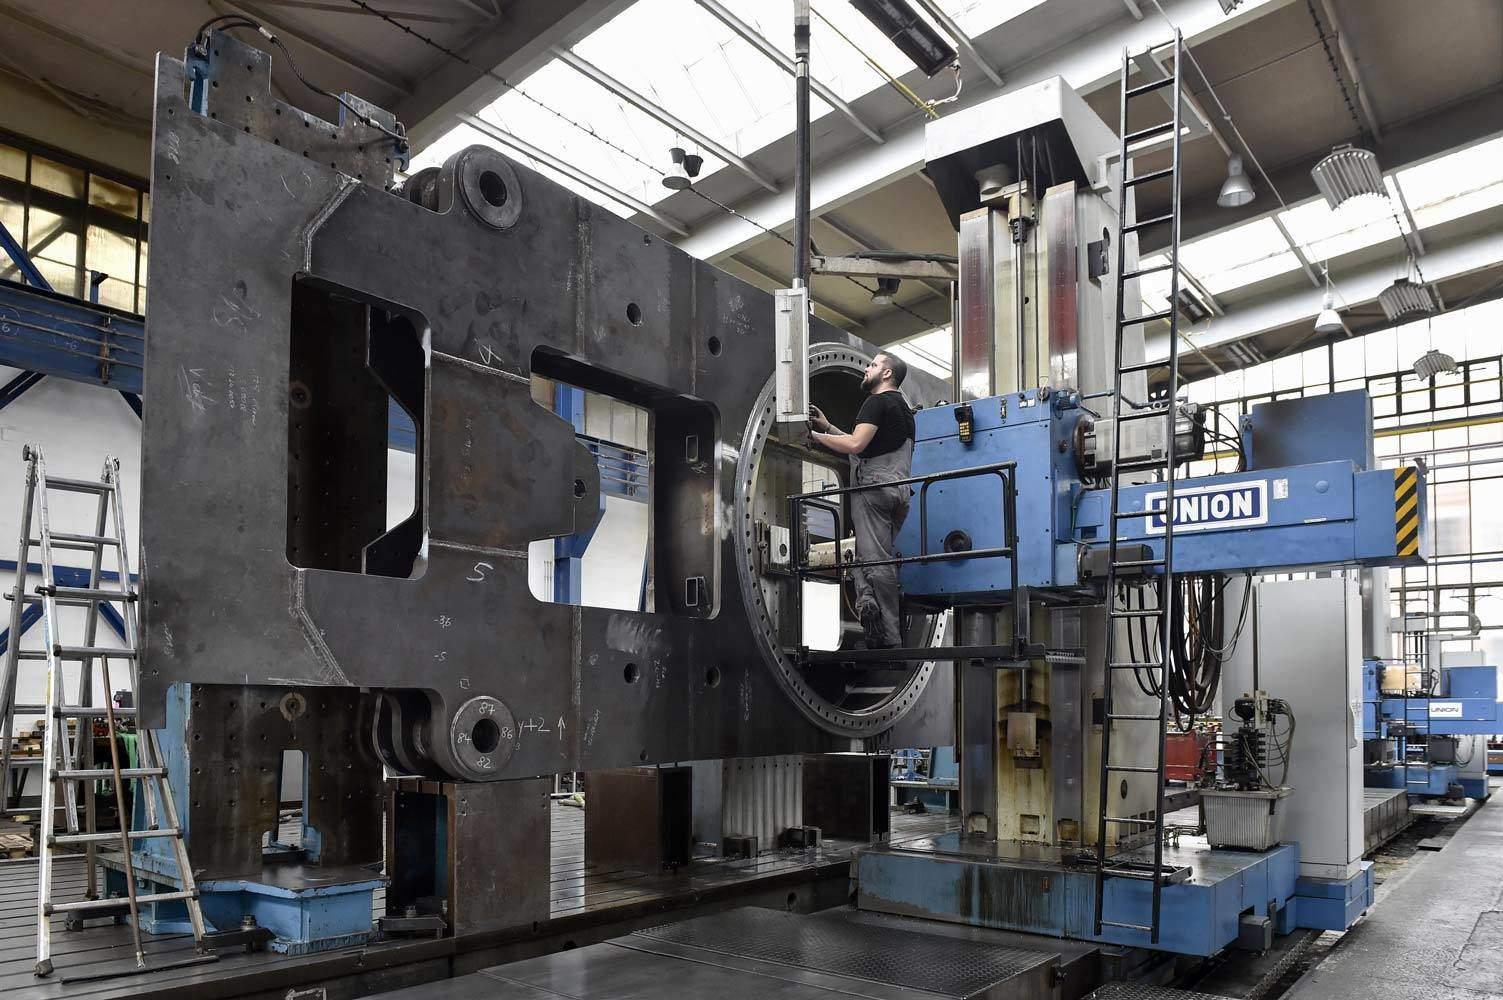 Mit der überdimensionalen Bohr- und Fräsmaschine lassen sich Stahlbauteile von 5 Metern Breite und 15 Metern Länge hochgenau bearbeiten.